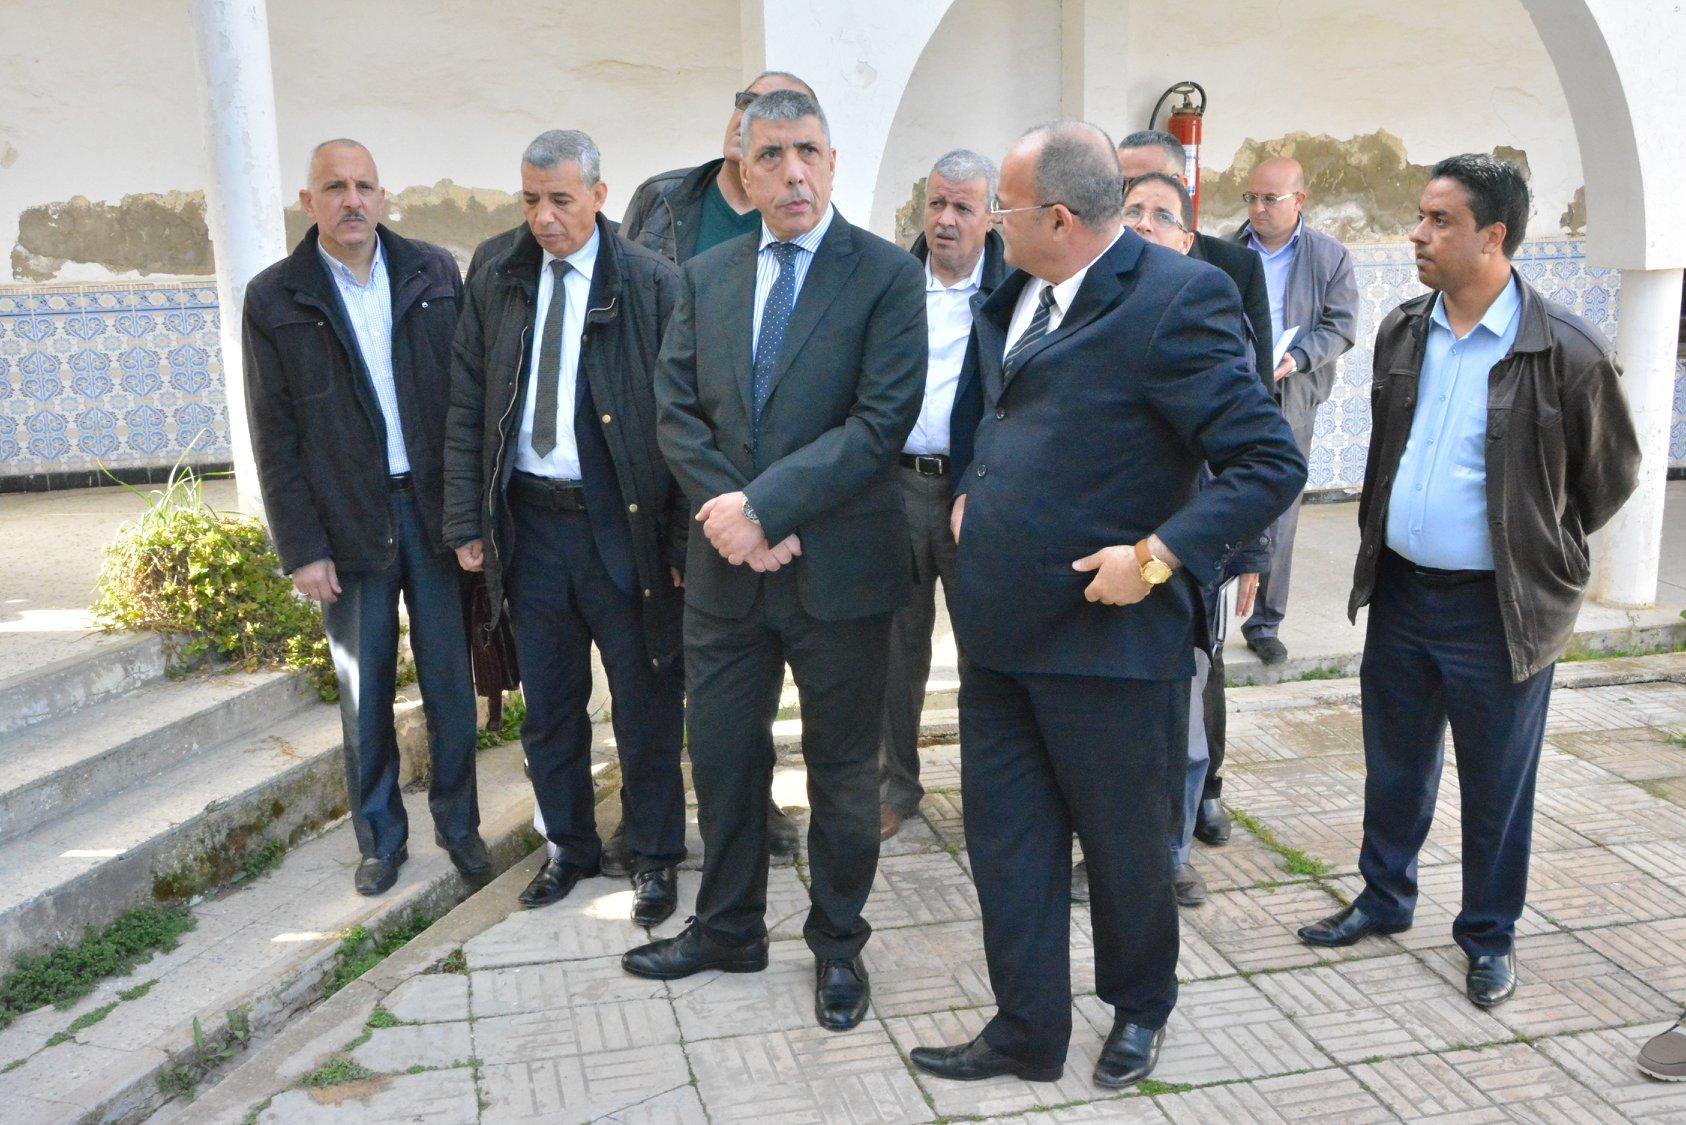 زيارة فجائية لكل من مقر دائرة و بلدية قصر البخاري